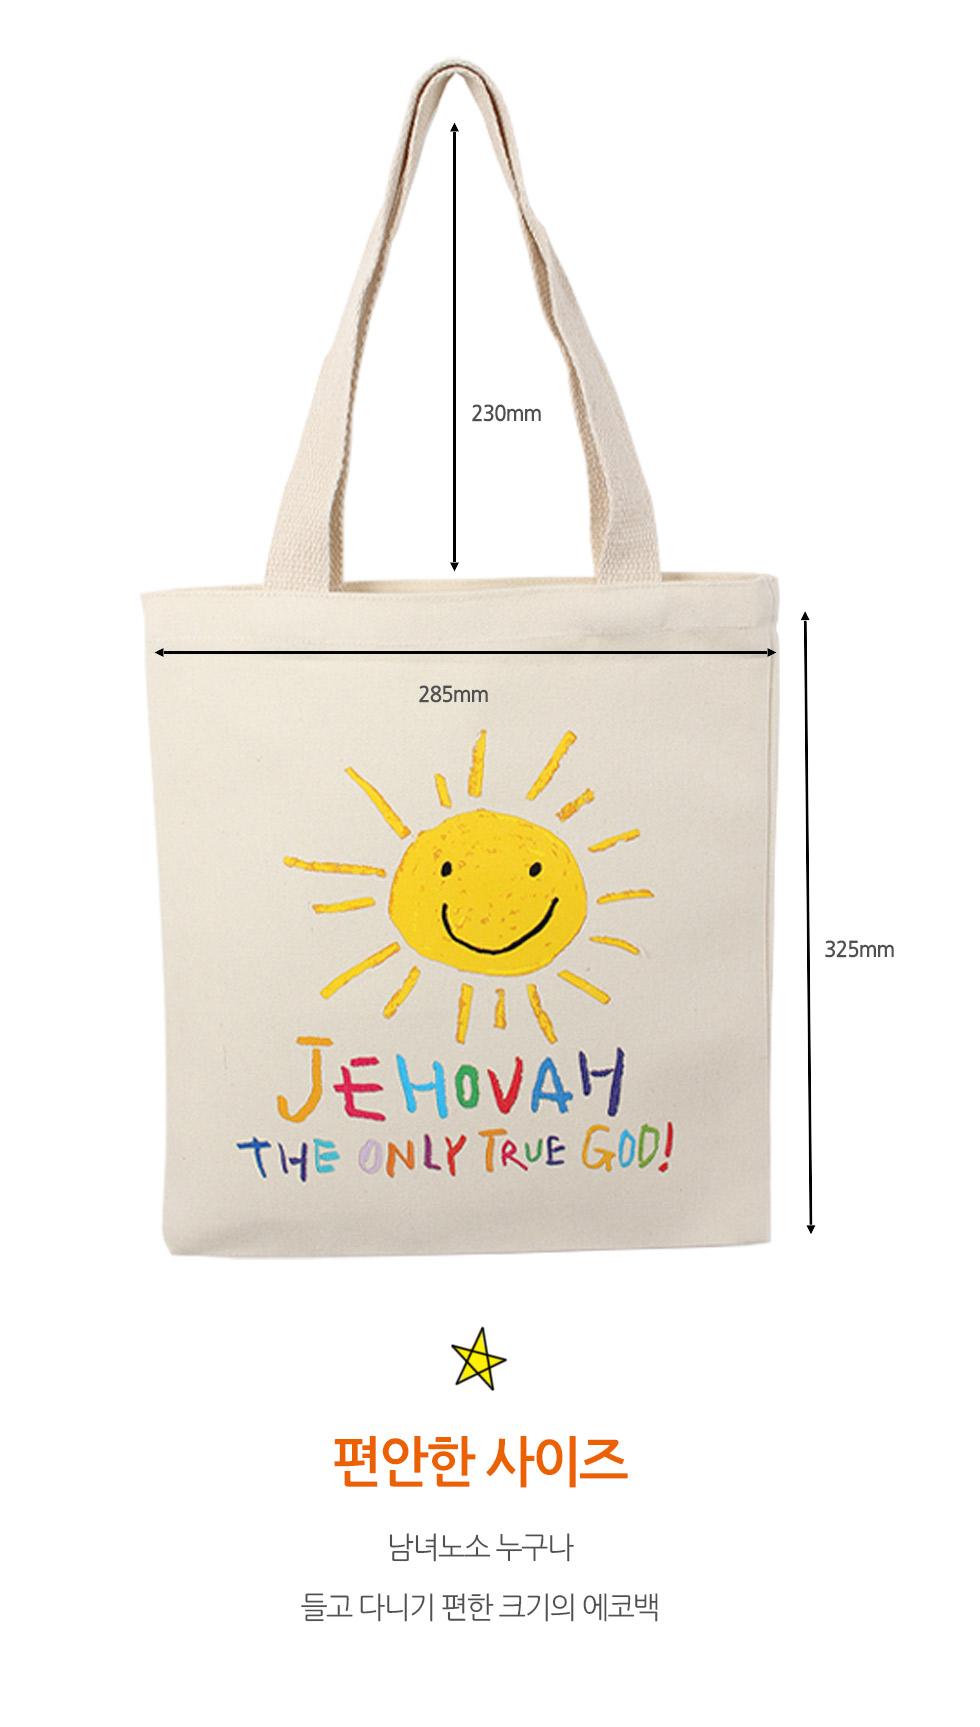 메시지 에코백 내 친구를 구해요 & 여호와만 참 하나님 편안한 사이즈 가로 28.5센티미터, 세로 32.5센티미터